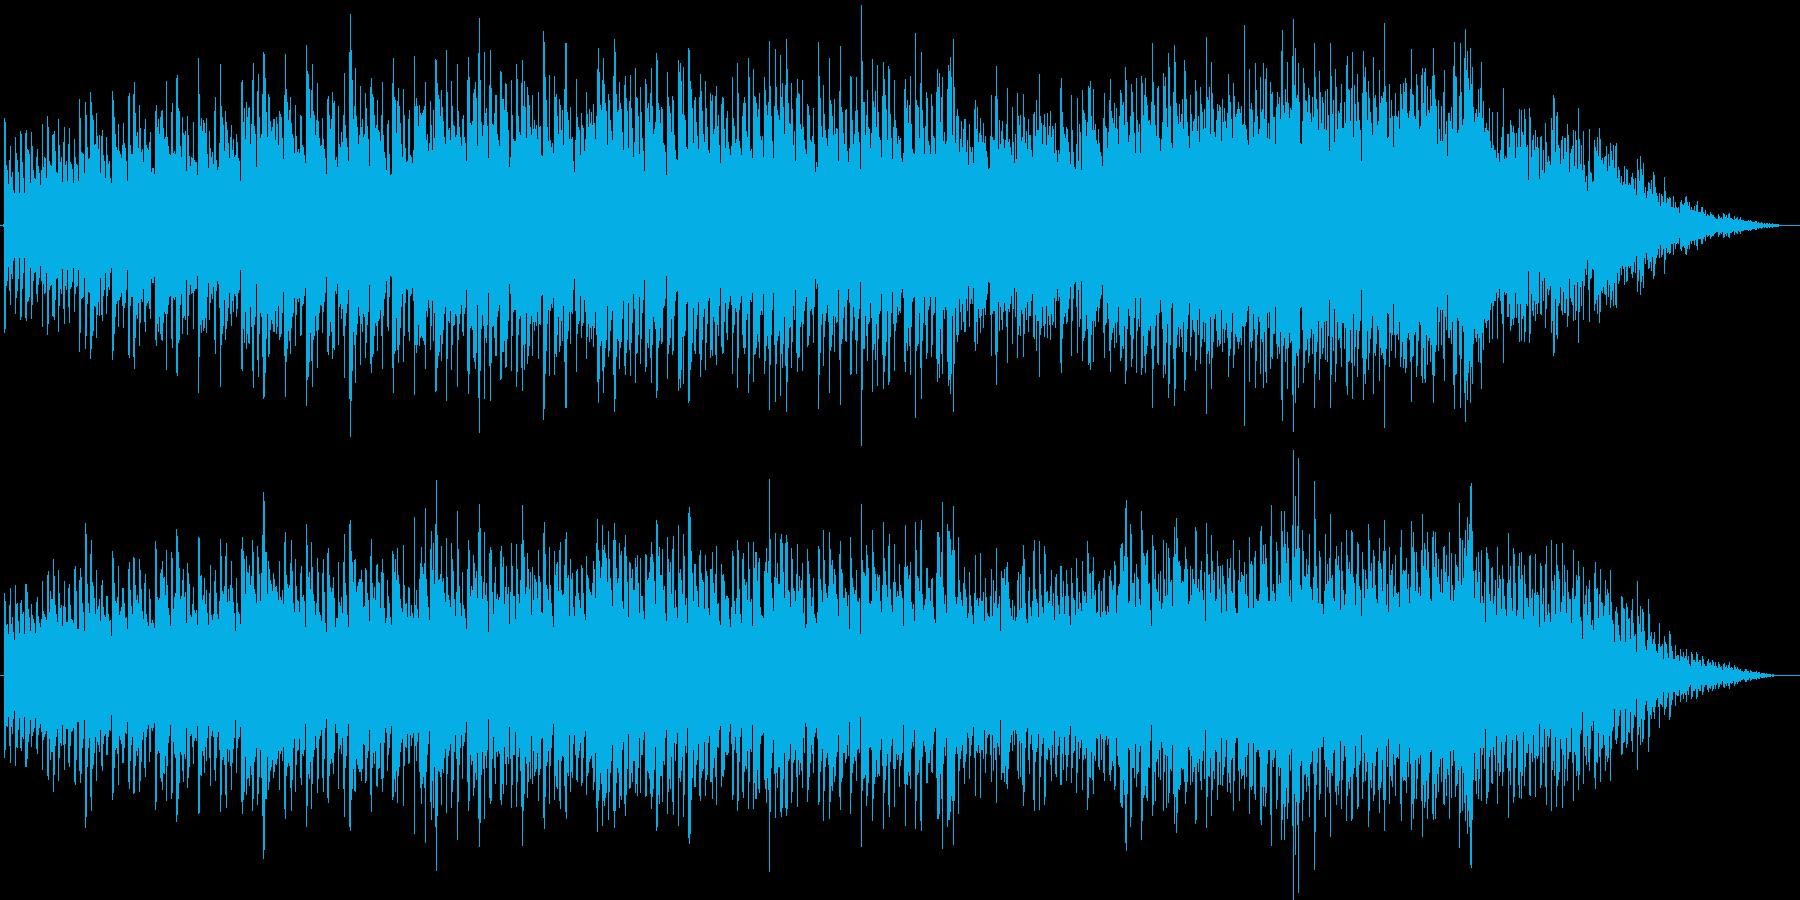 スチールドラムとピアノのエチュードの再生済みの波形